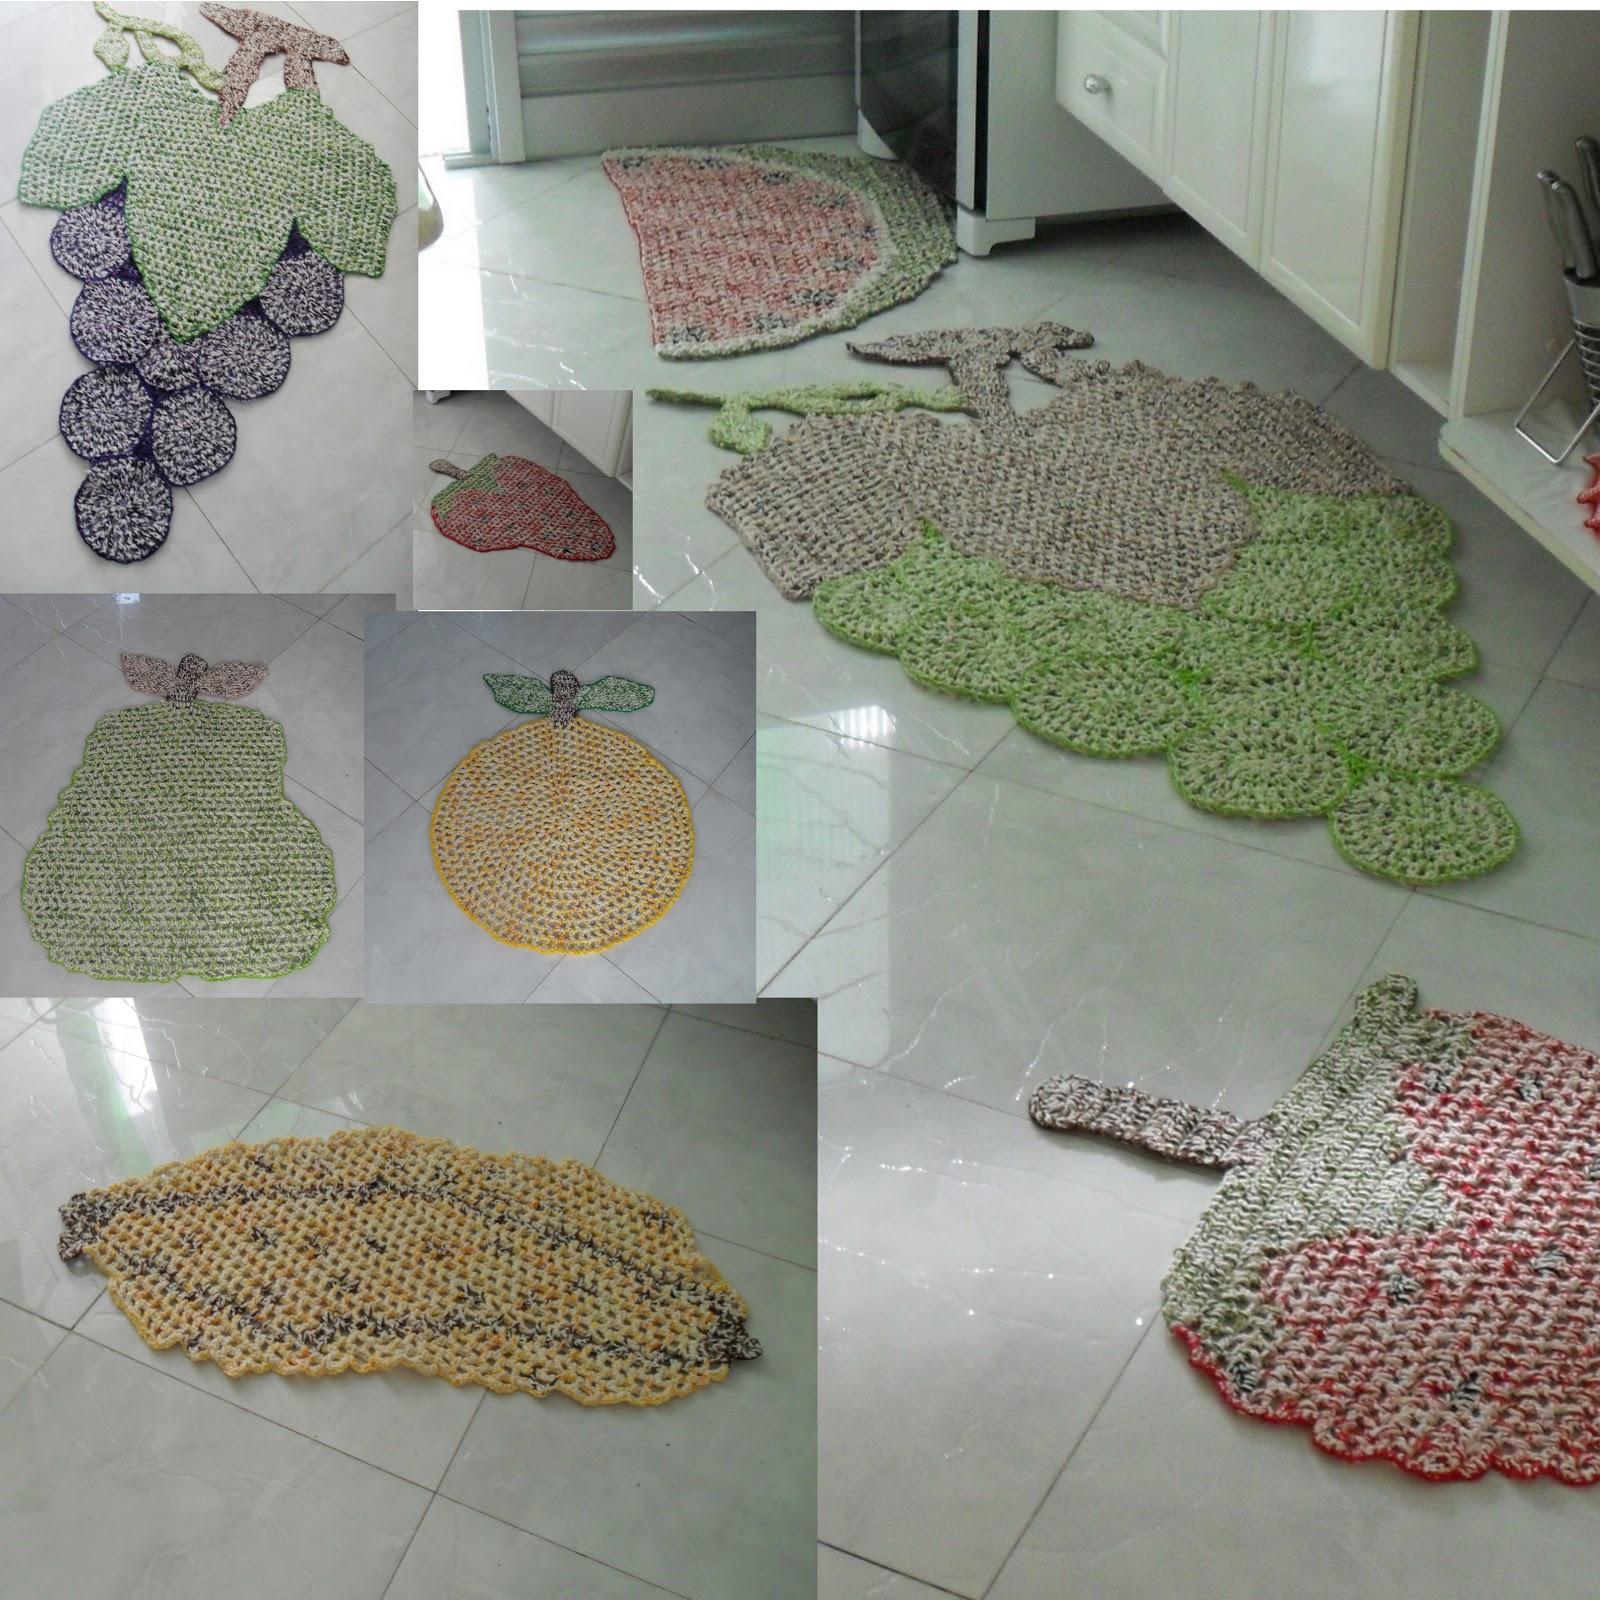 de tapetes de croch em barbante para cozinha em formato de frutas #67443B 1600x1600 Balança De Banheiro G Life